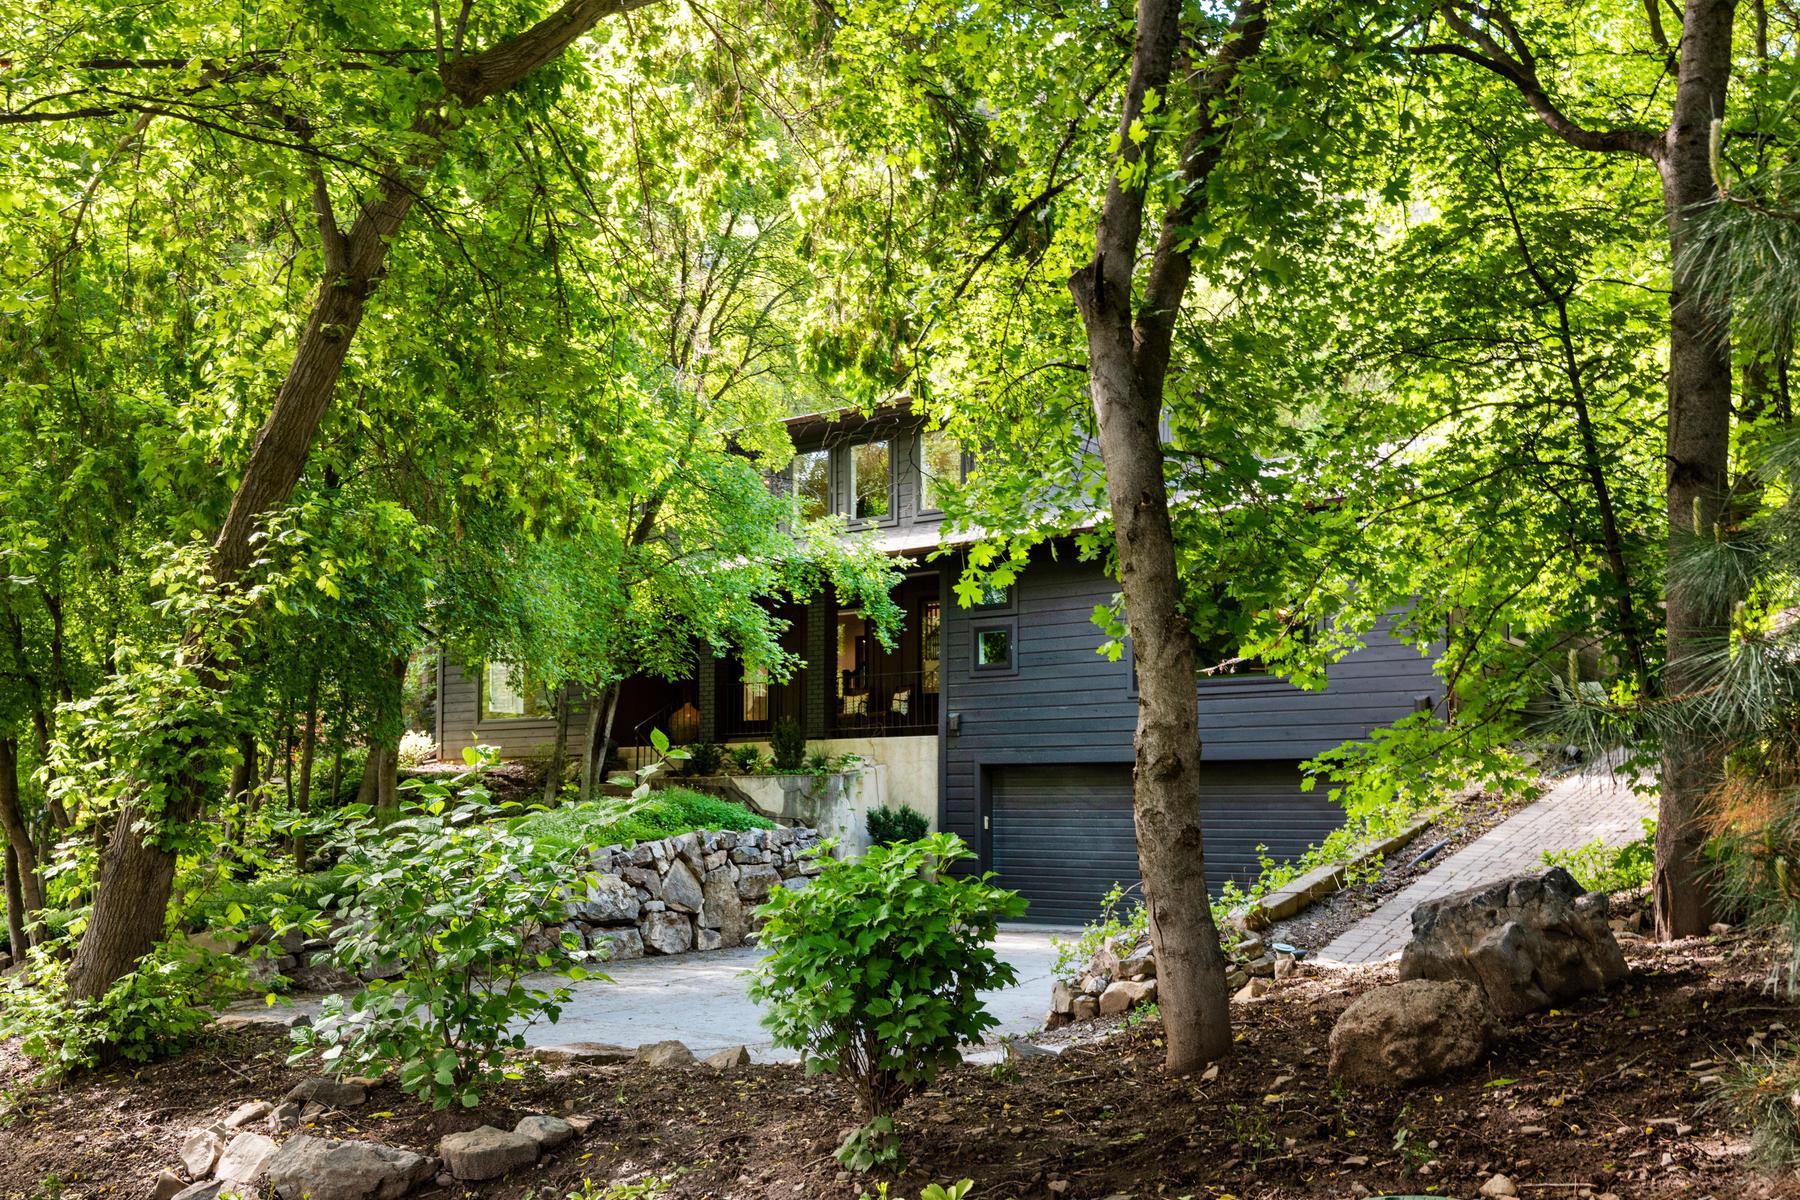 Single Family Homes for Sale at Serene Springdell 1474 Springdell Dr, Provo, Utah 84604 United States